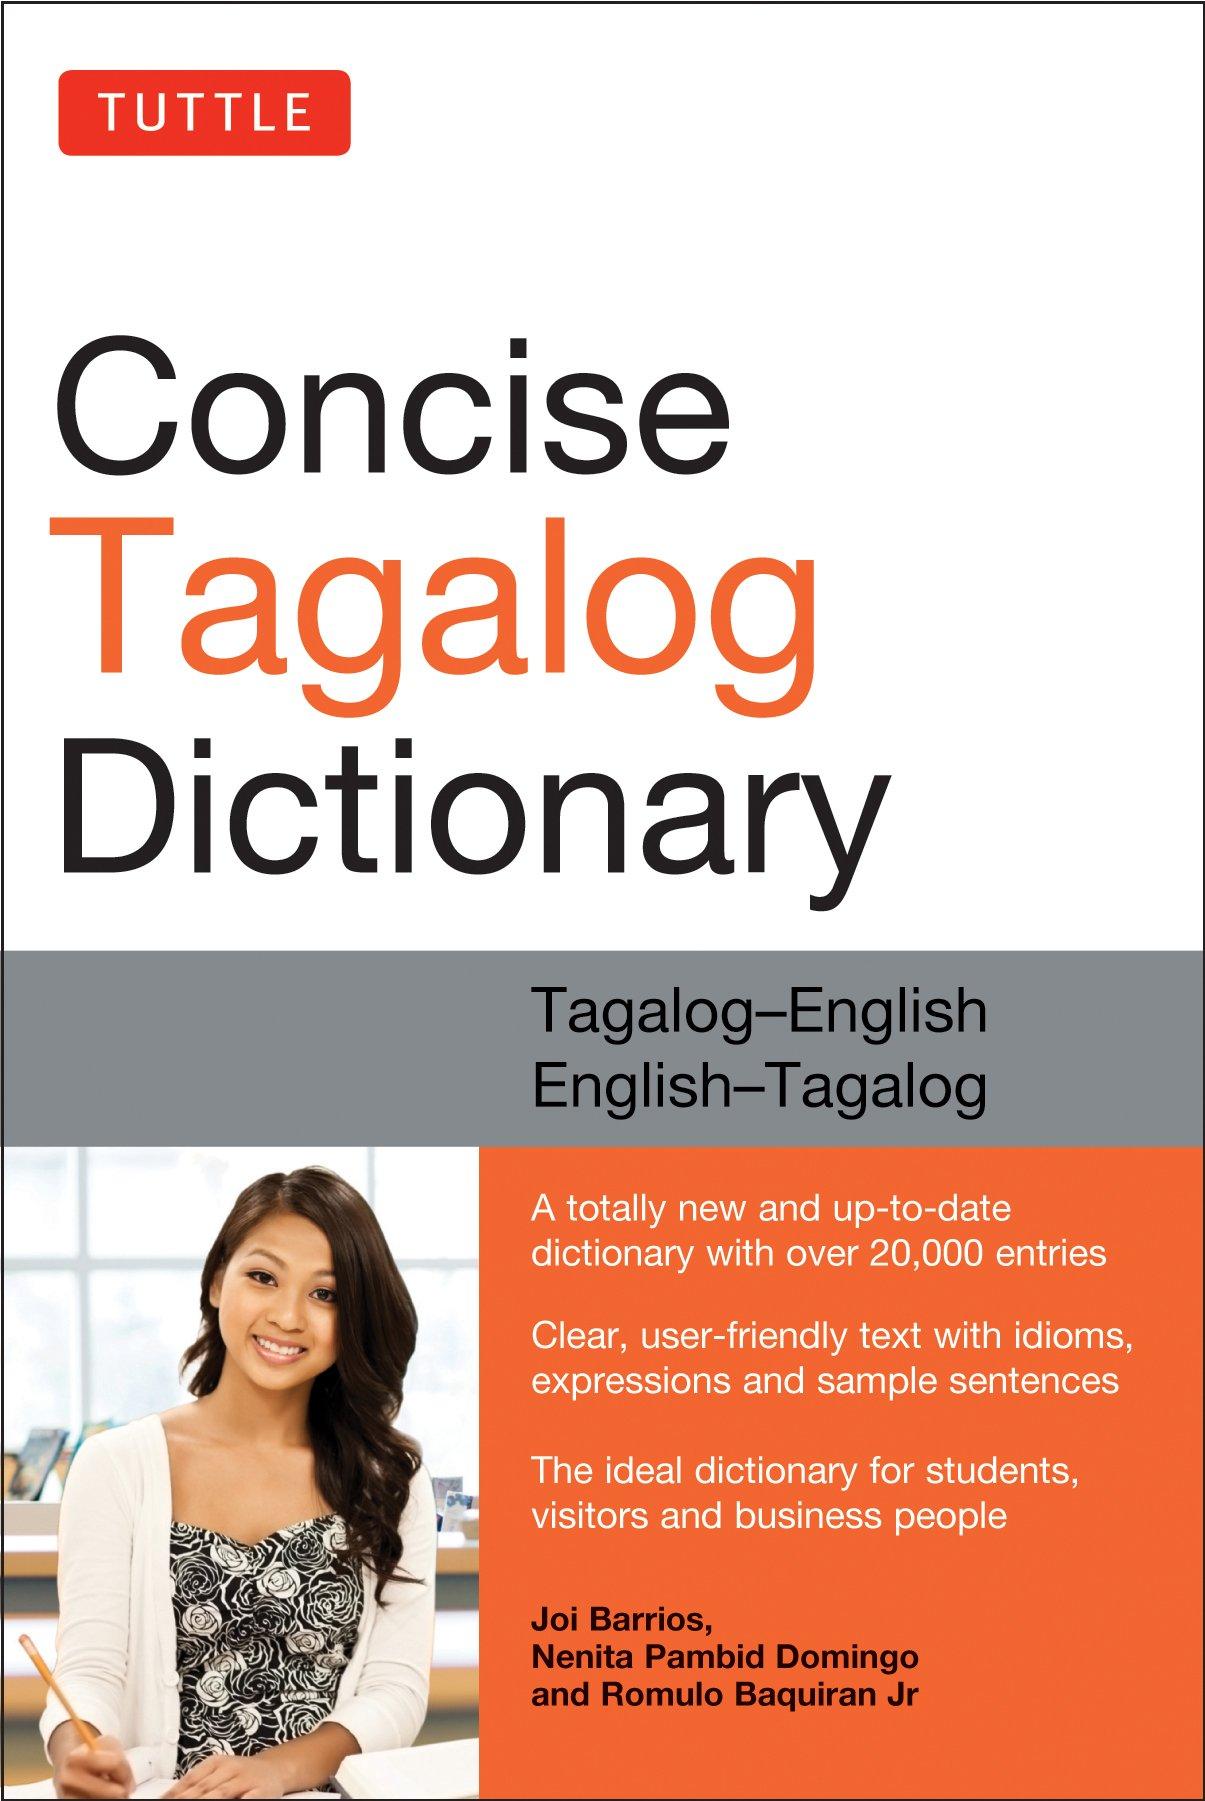 TAGALOG EBOOK FOR TABLET EPUB DOWNLOAD